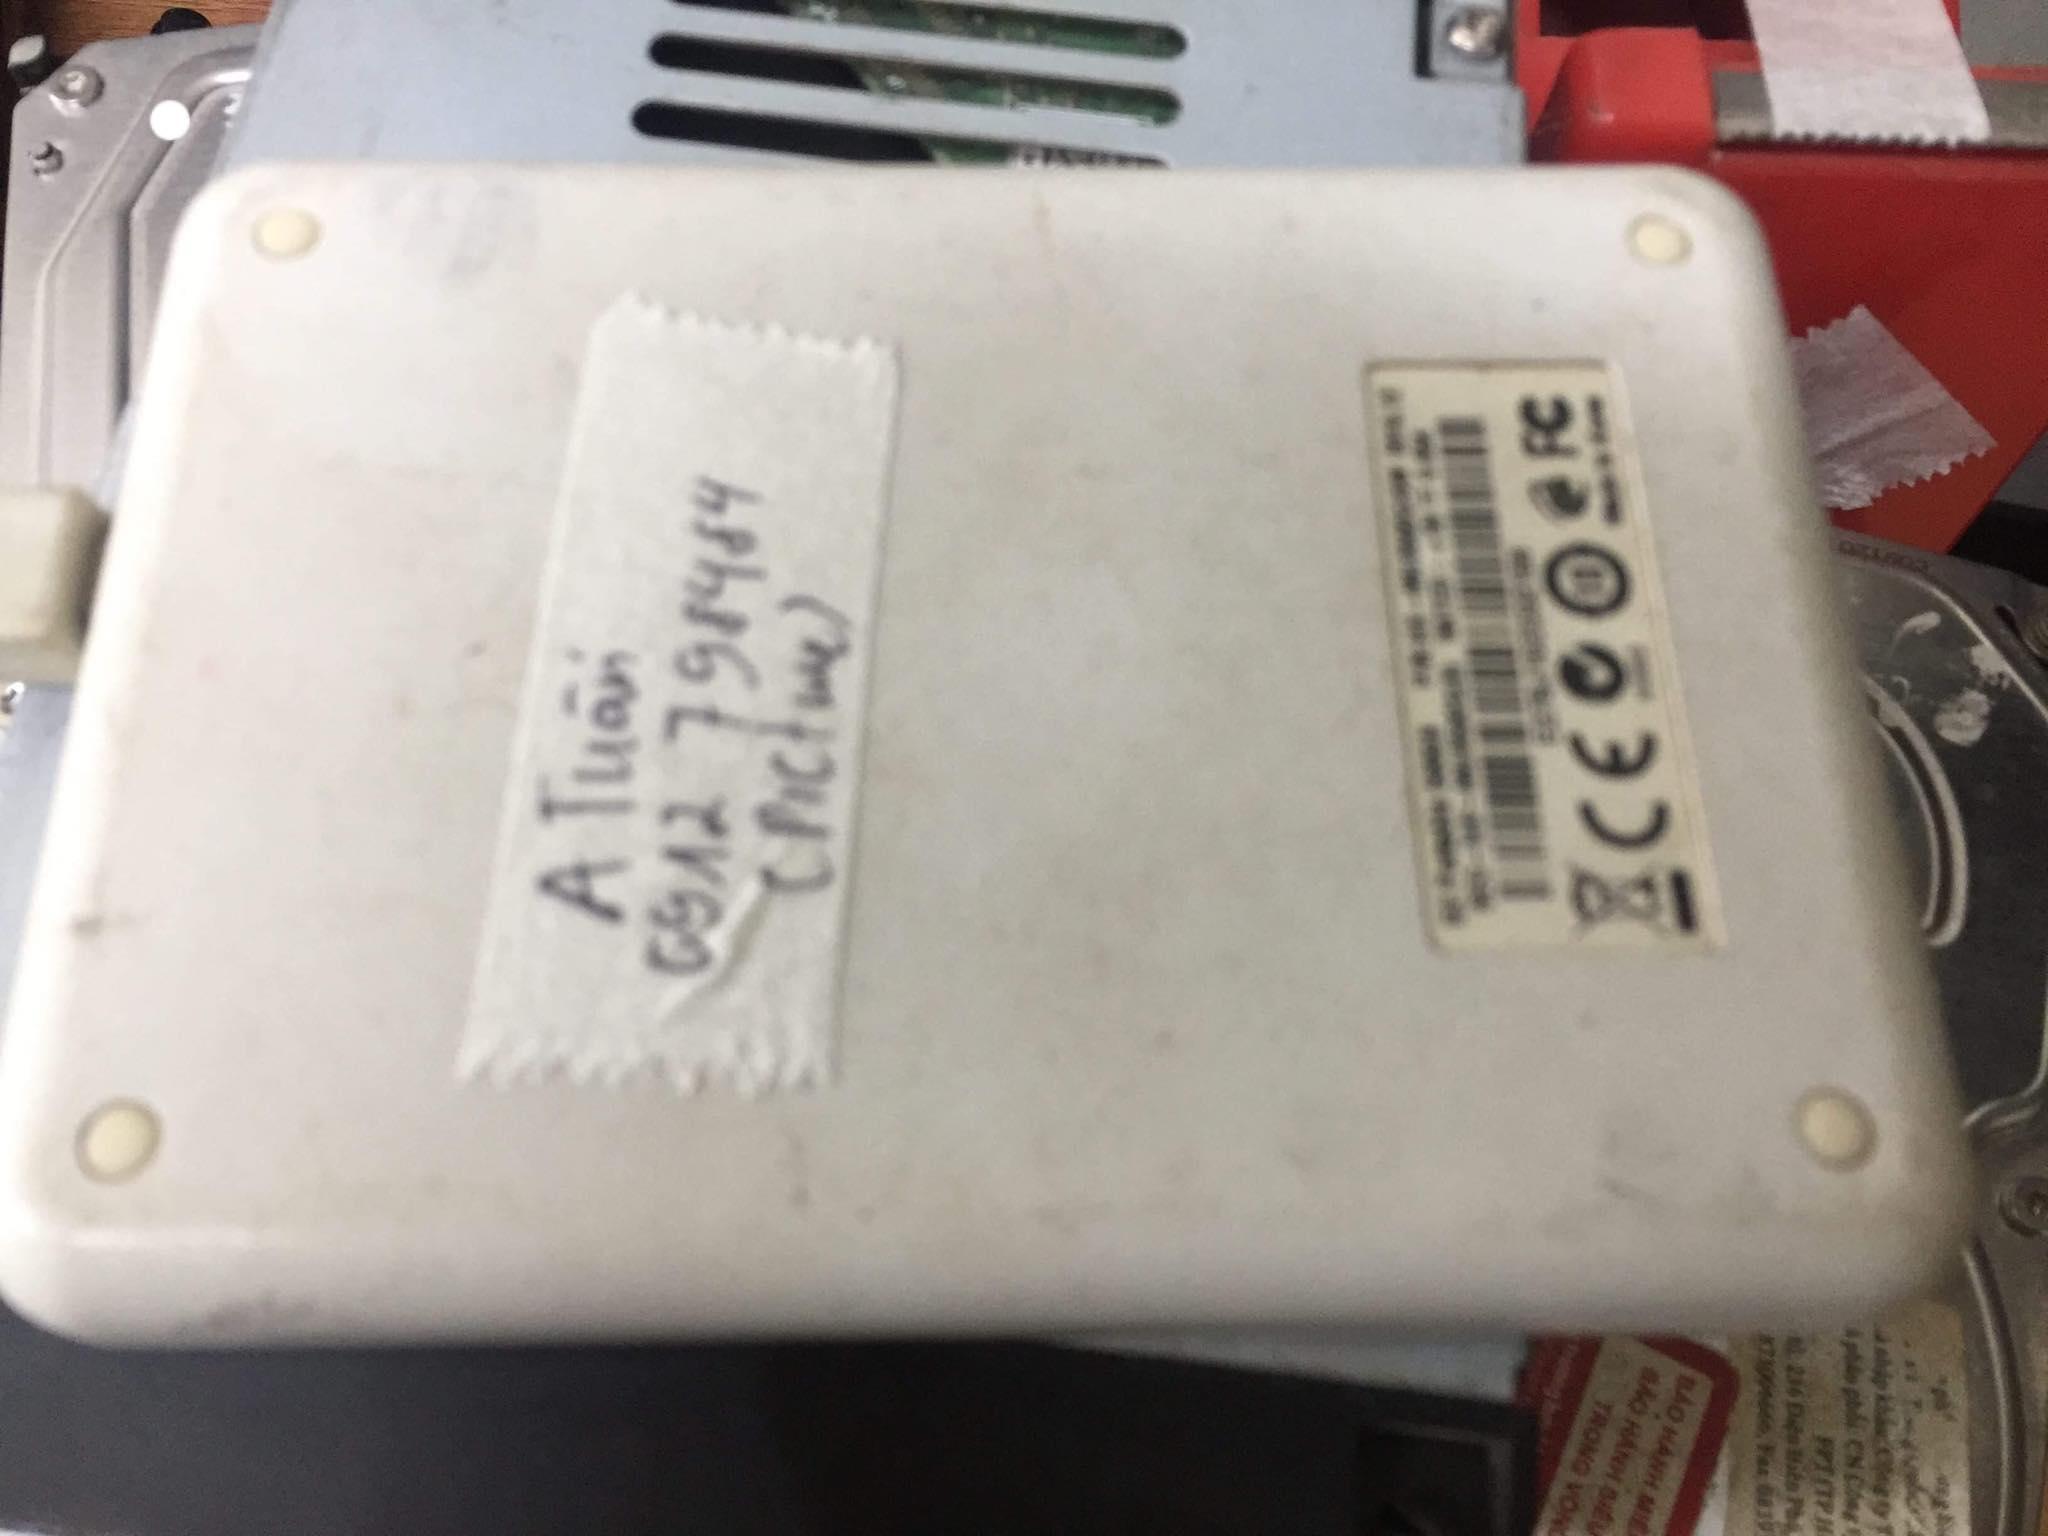 Lấy dữ liệu ổ cứng Toshiba 1TB format nhầm 16/04/2019 - cuumaytinh